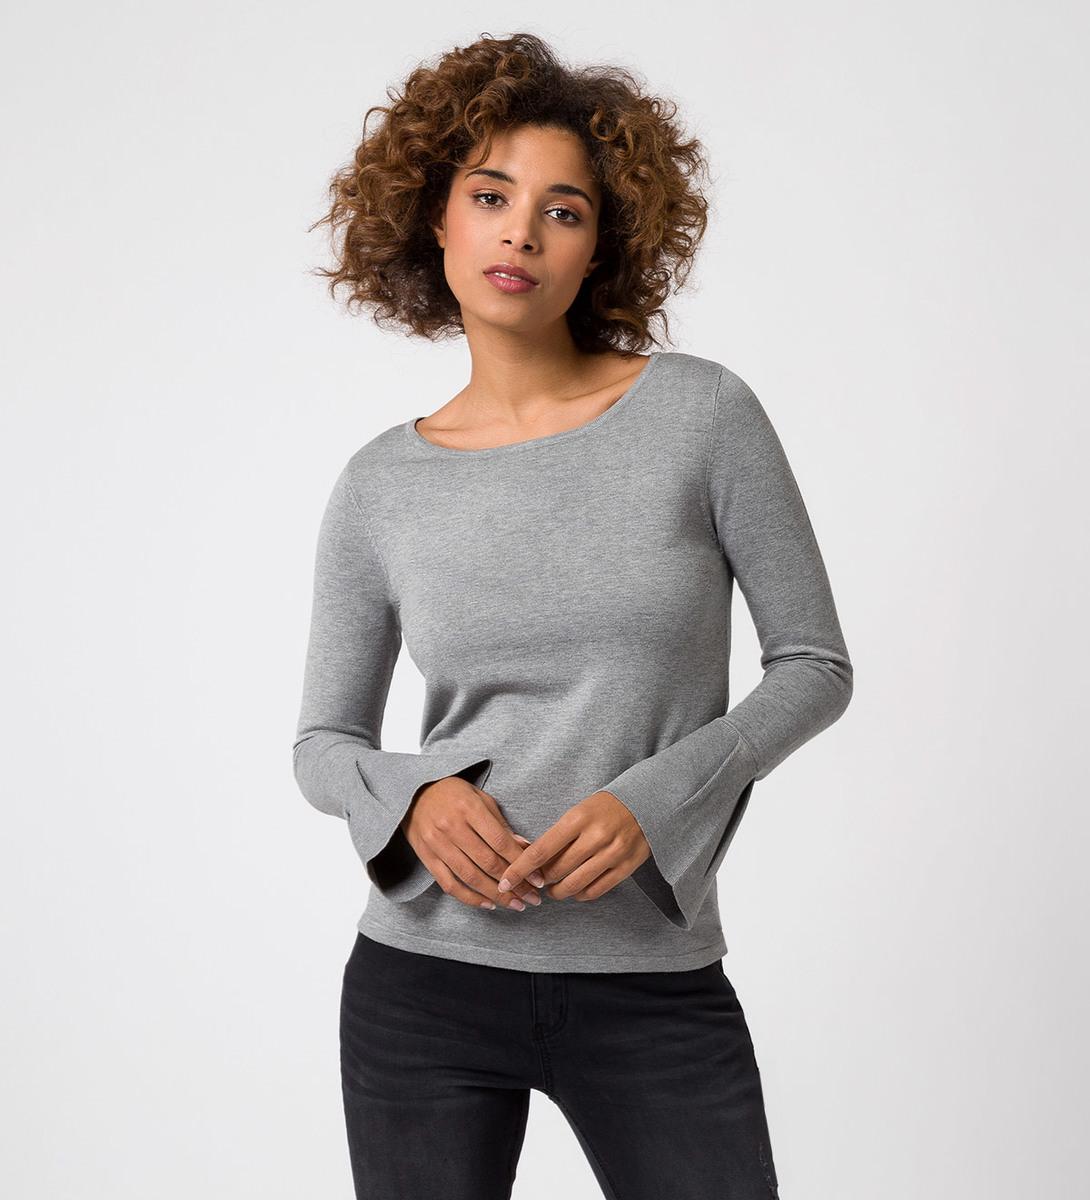 Pullover in Feinstrickqualität in silver grey-m